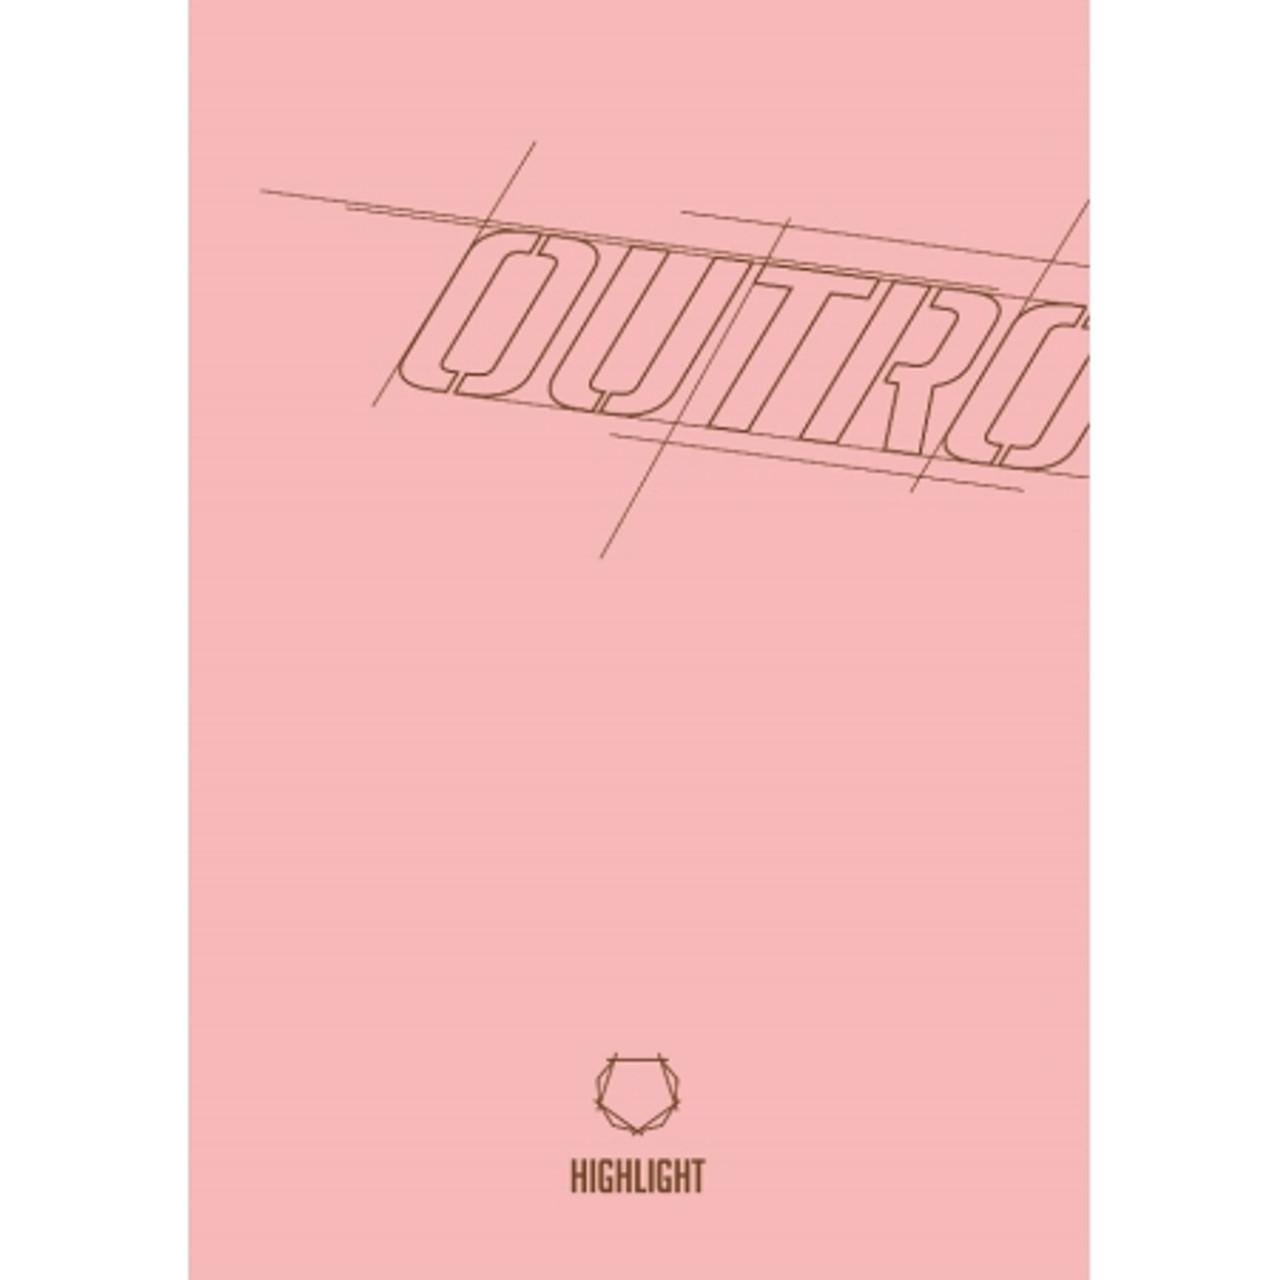 Highlight - [OUTRO] (A Ver.) + Poster